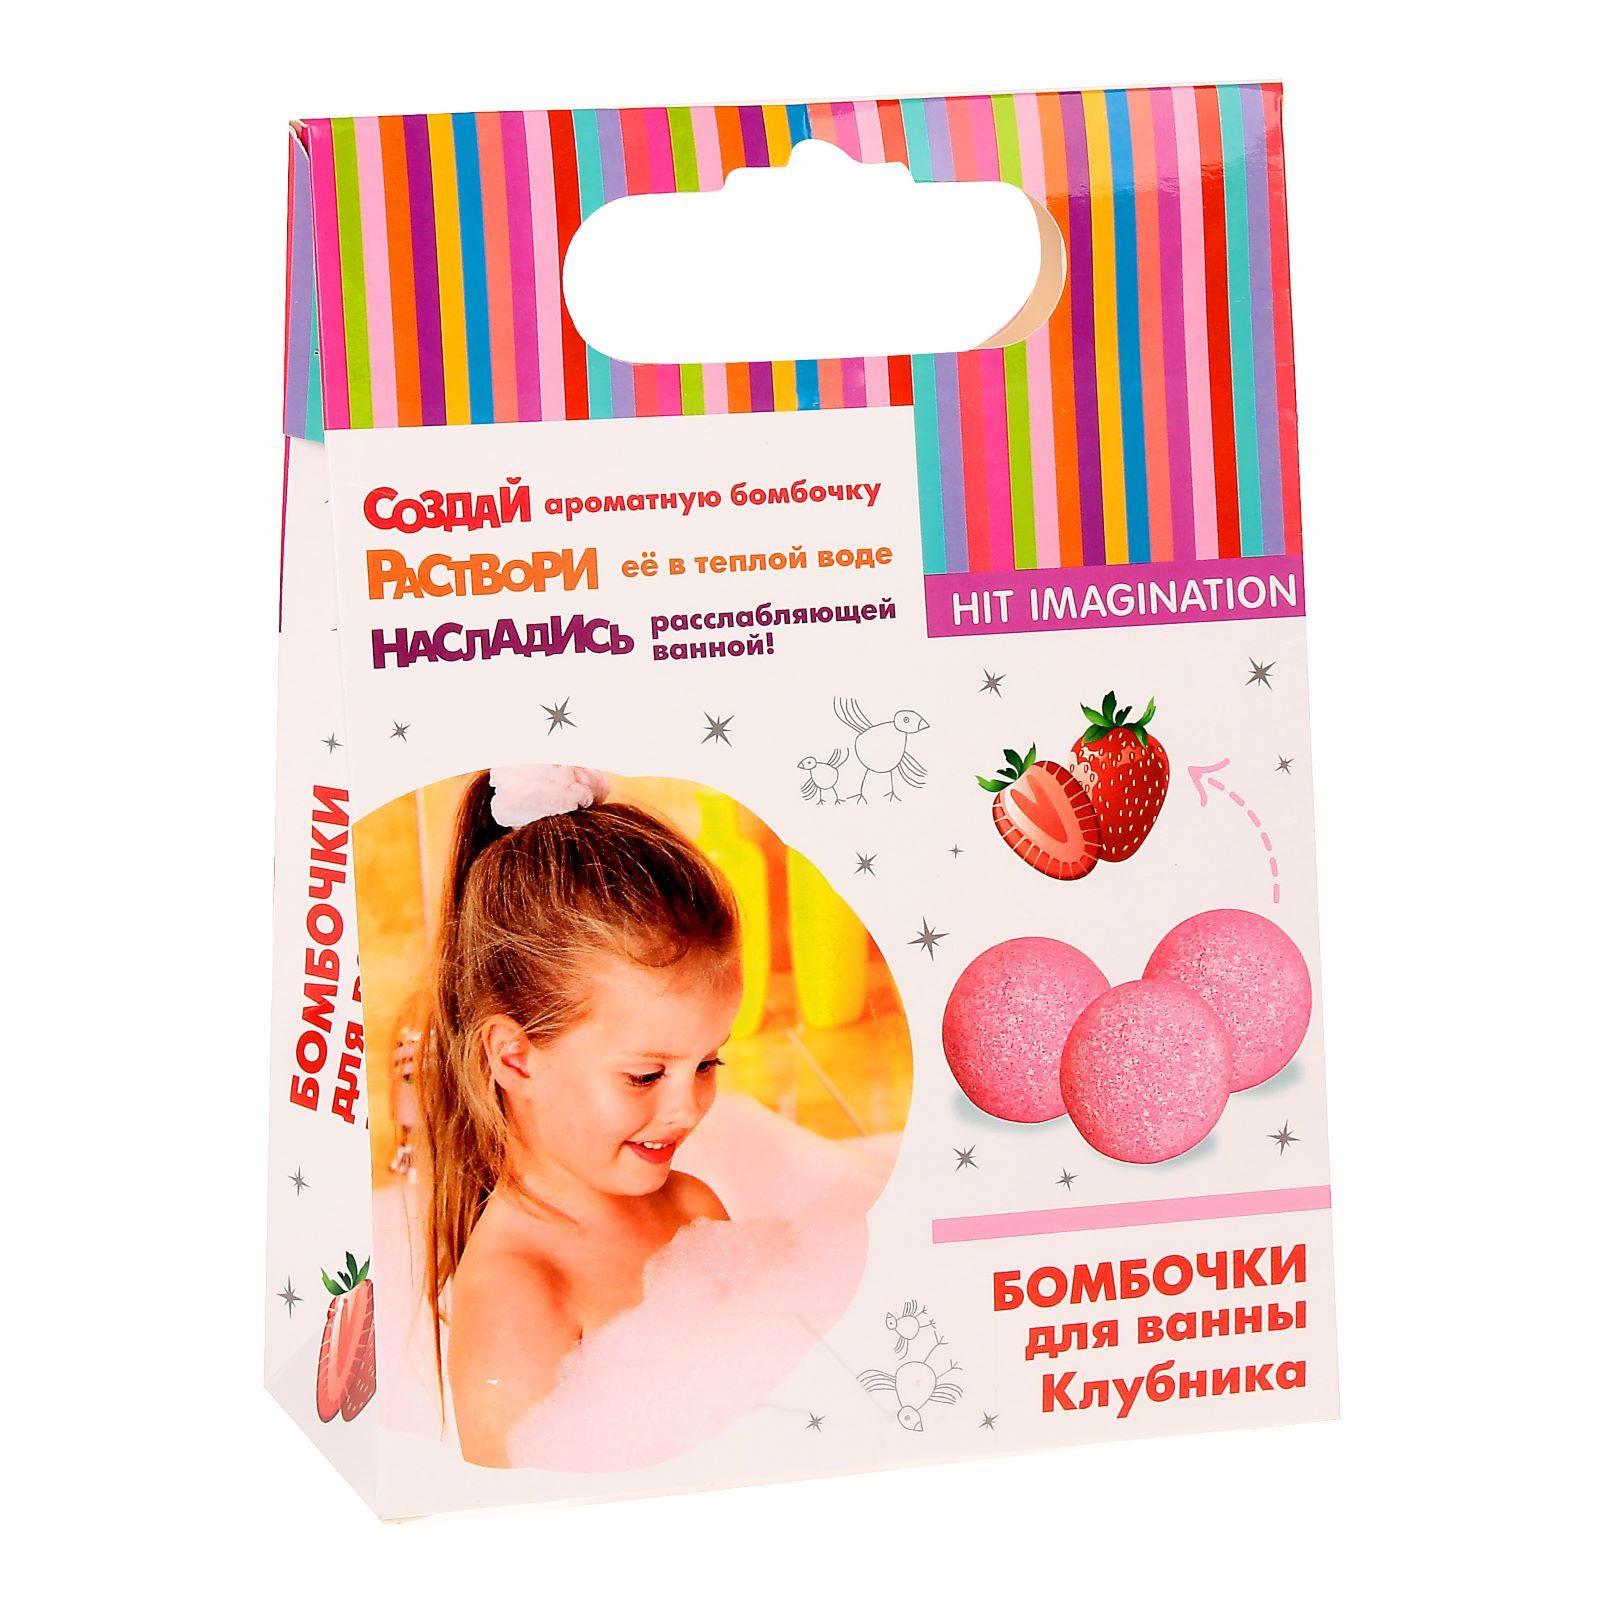 Купить HIT IMAGINATION Набор для детского творчества Бомбочки для ванны. Клубника, Китай